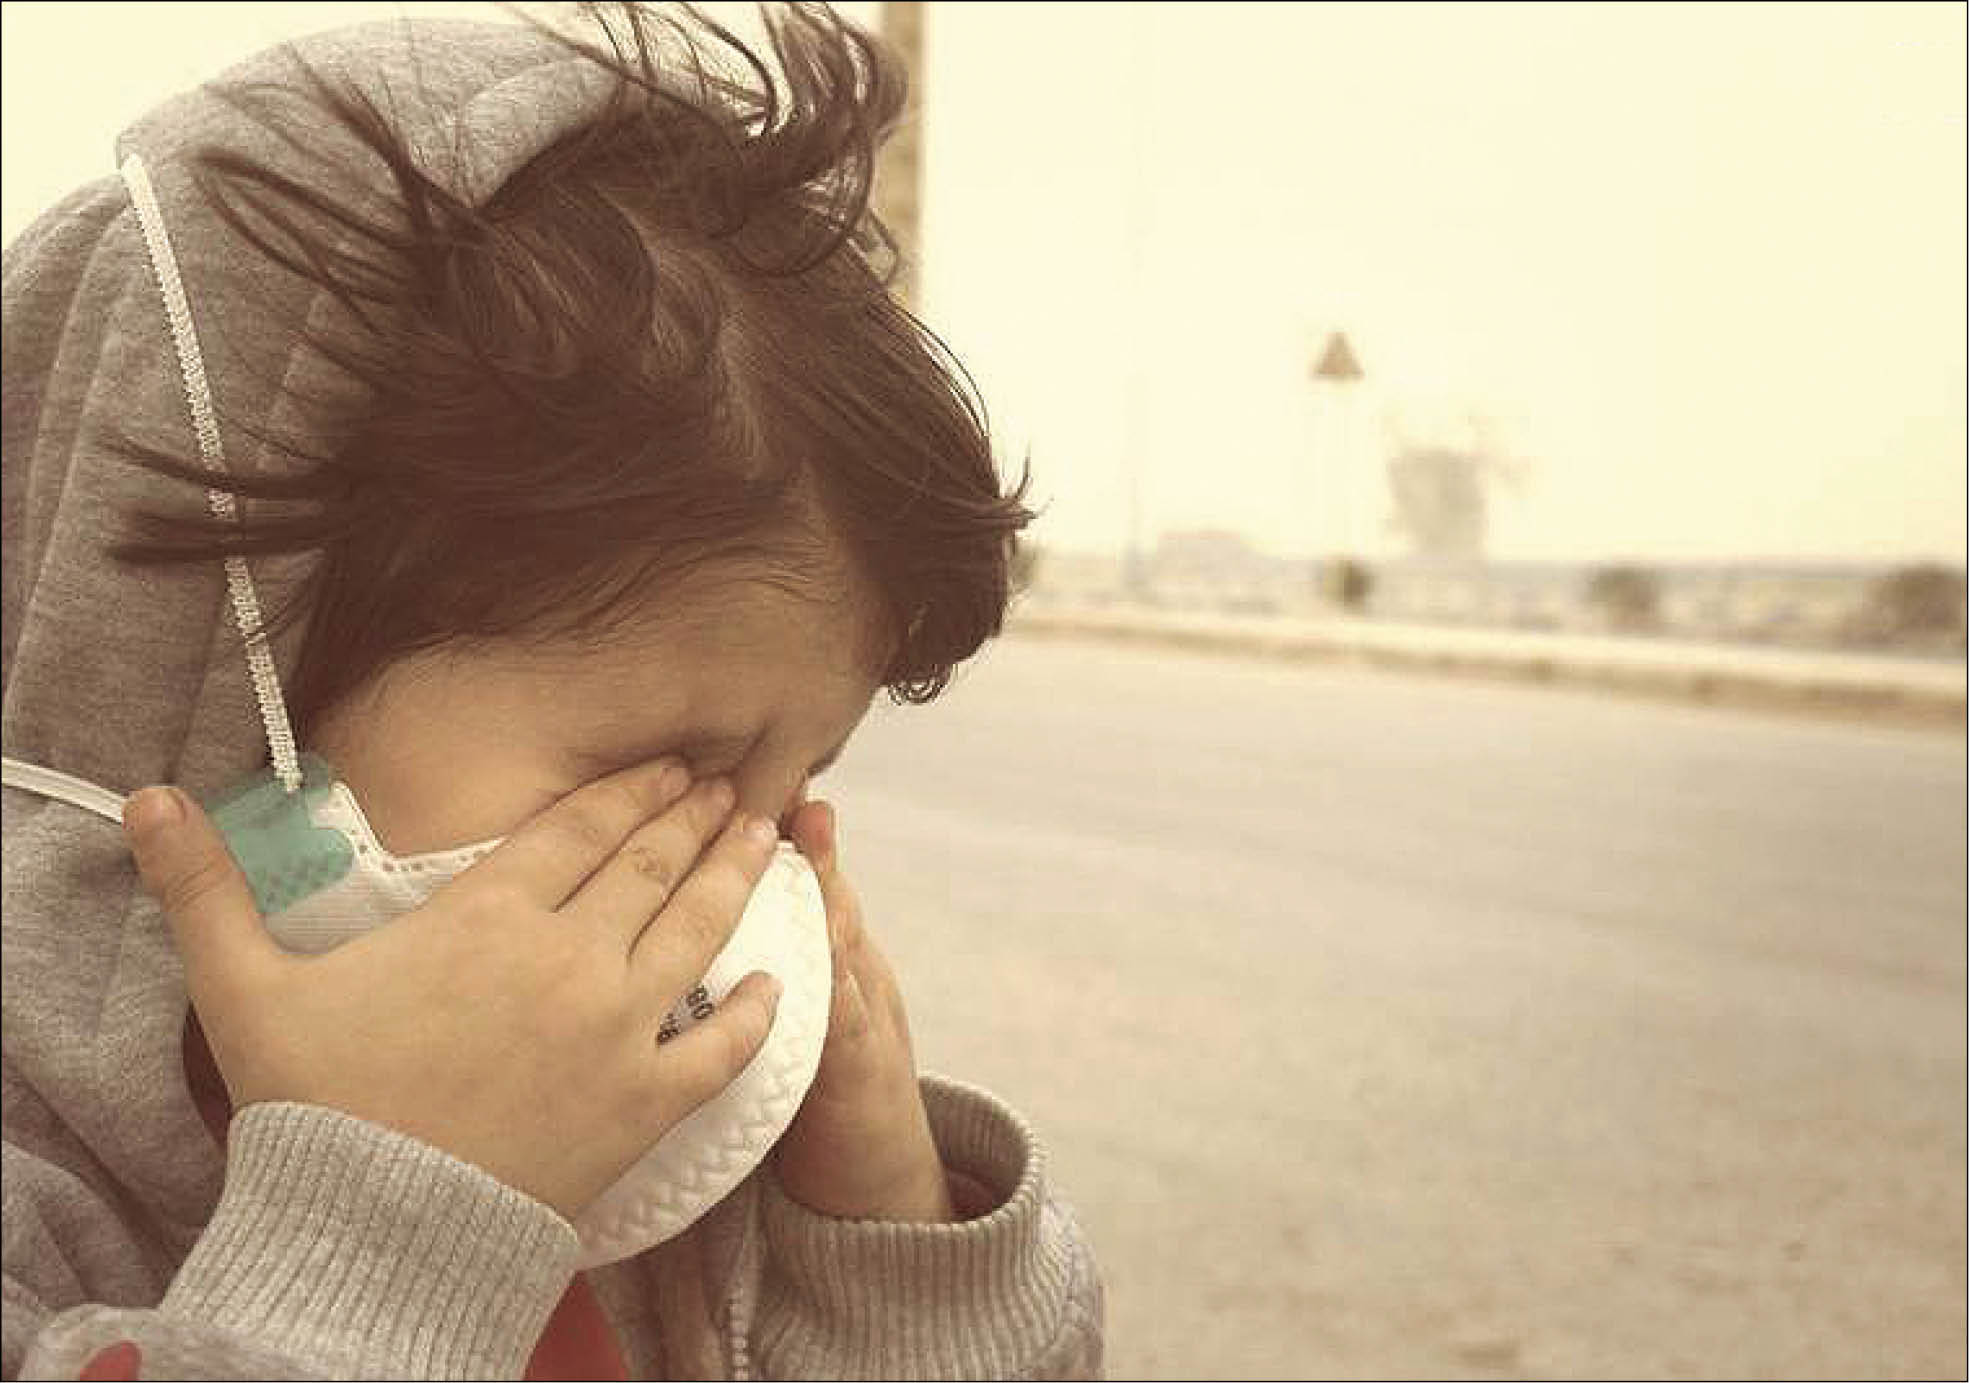 آلودگی هوای اهواز به 60 برابر حدمجاز رسید